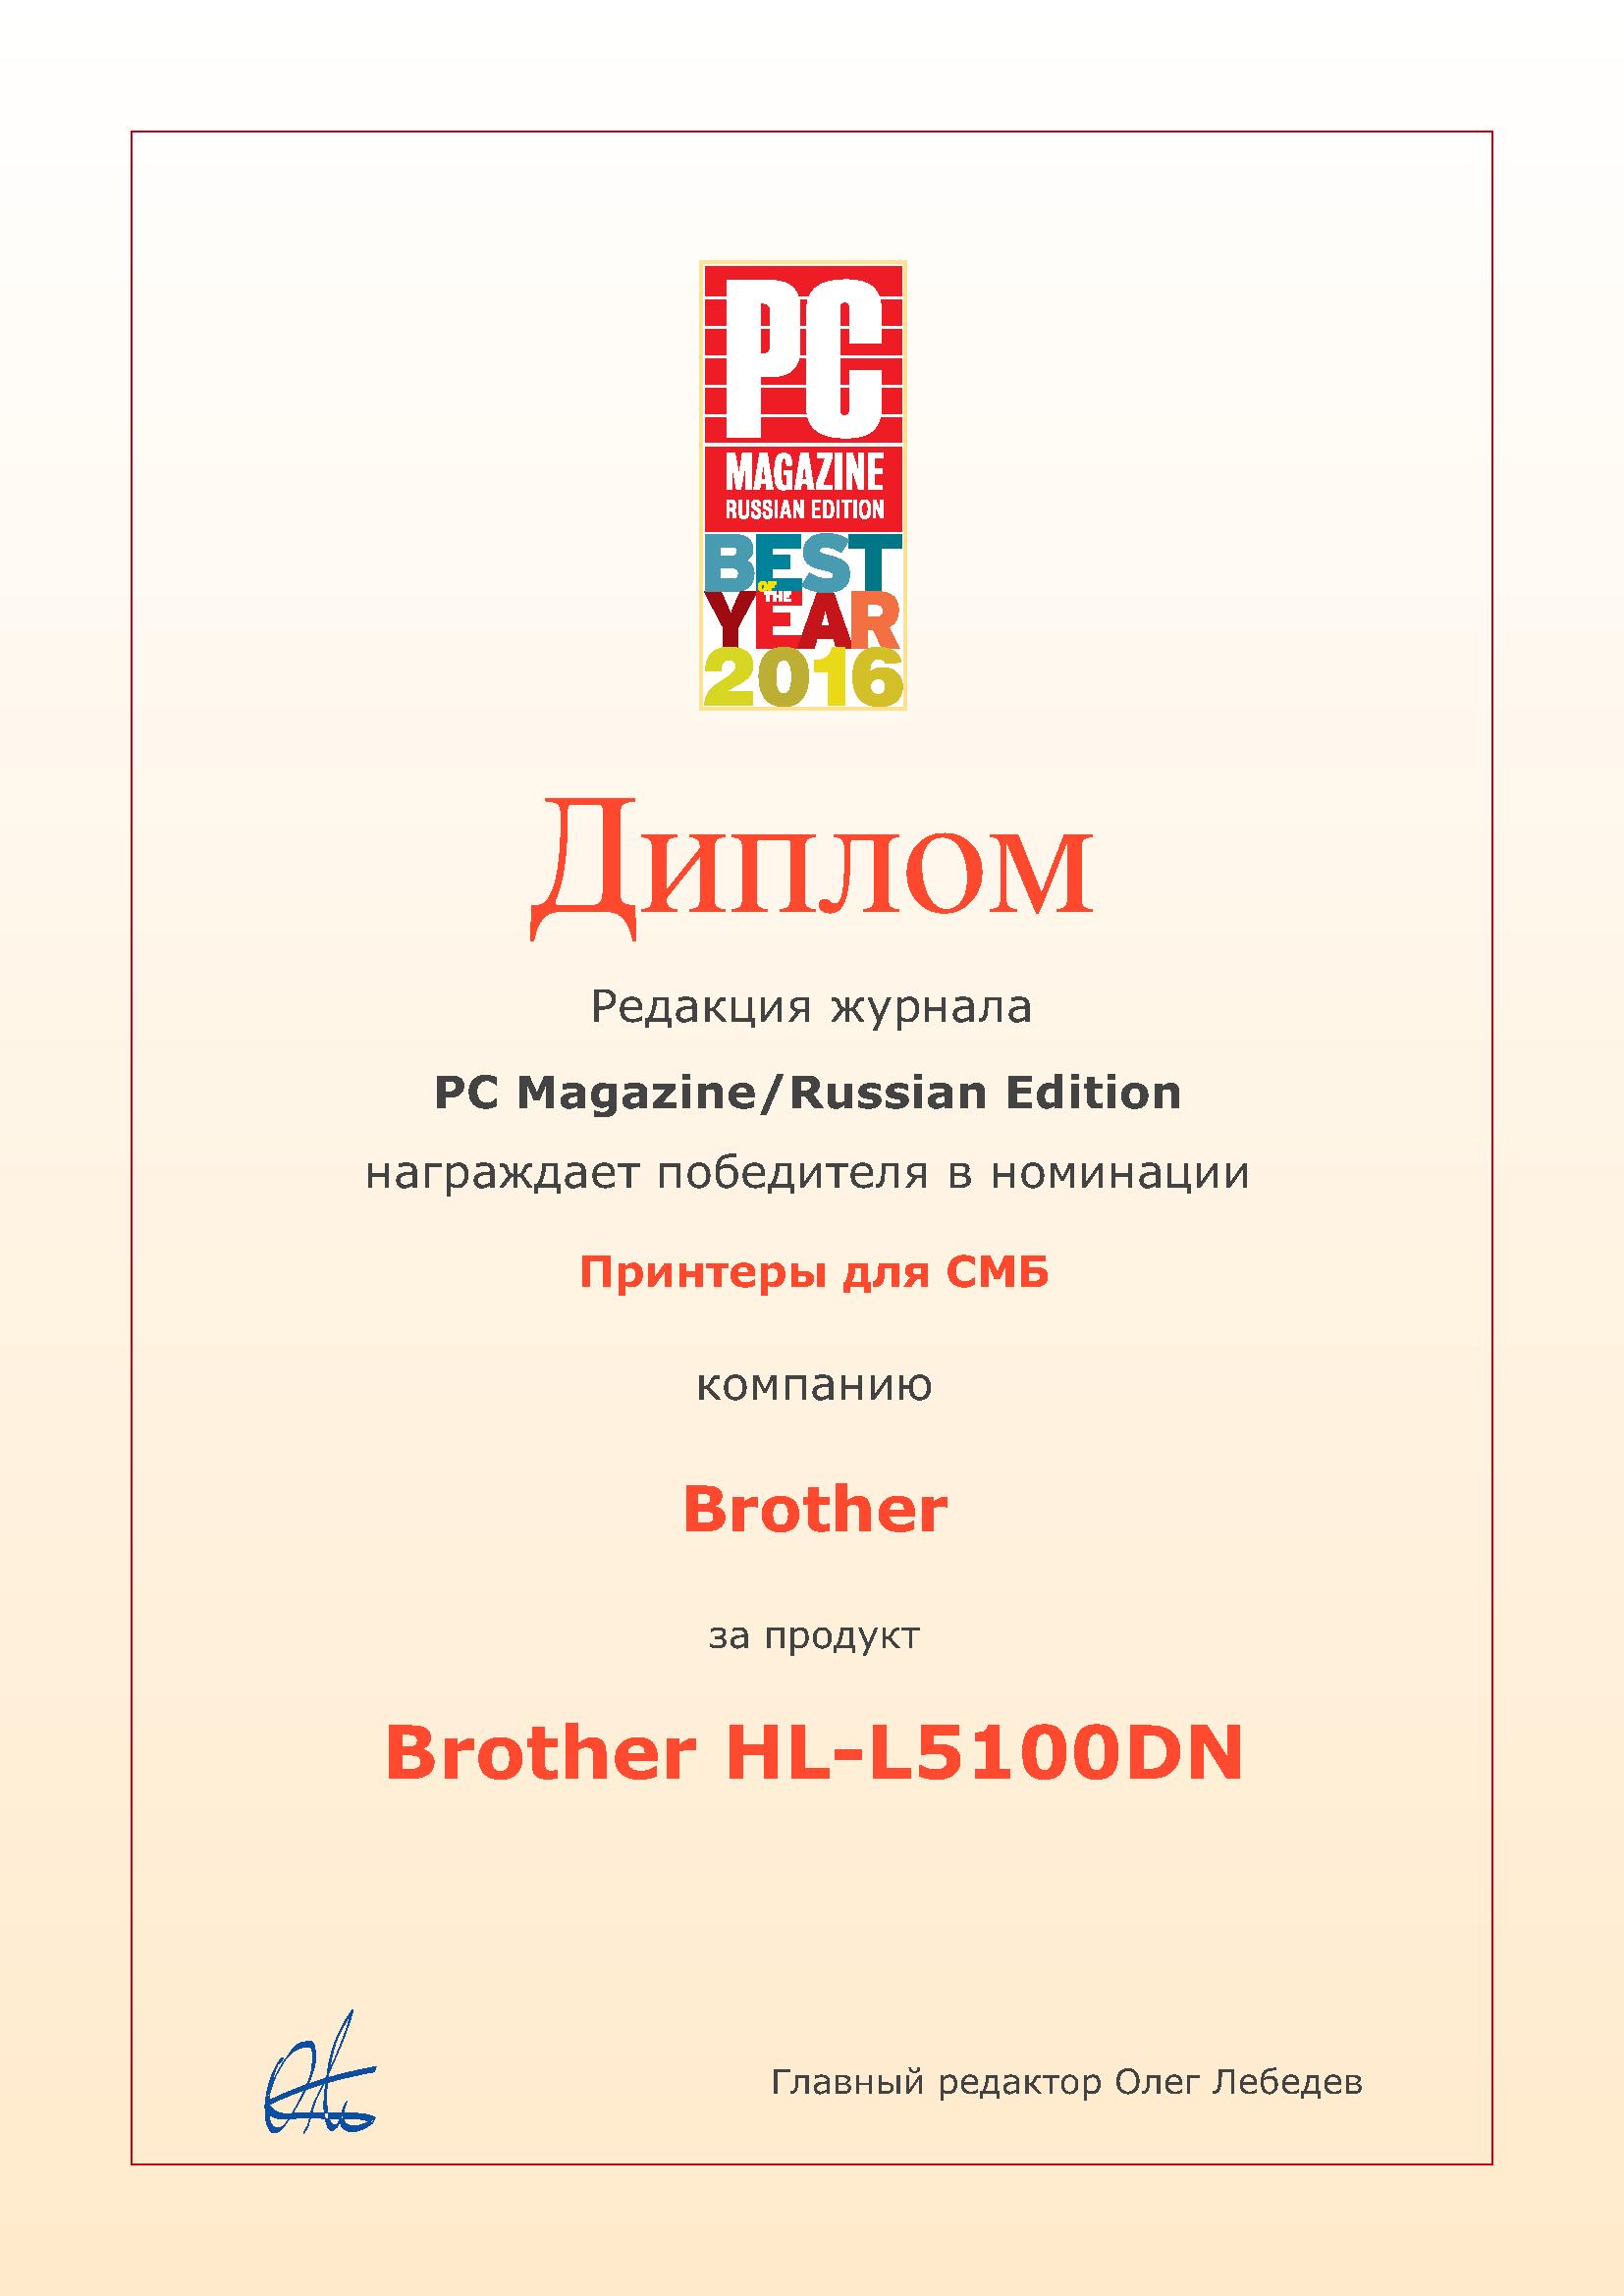 Принтер Brother HL-L5100DN победитель в номинации Принтеры для СМБ